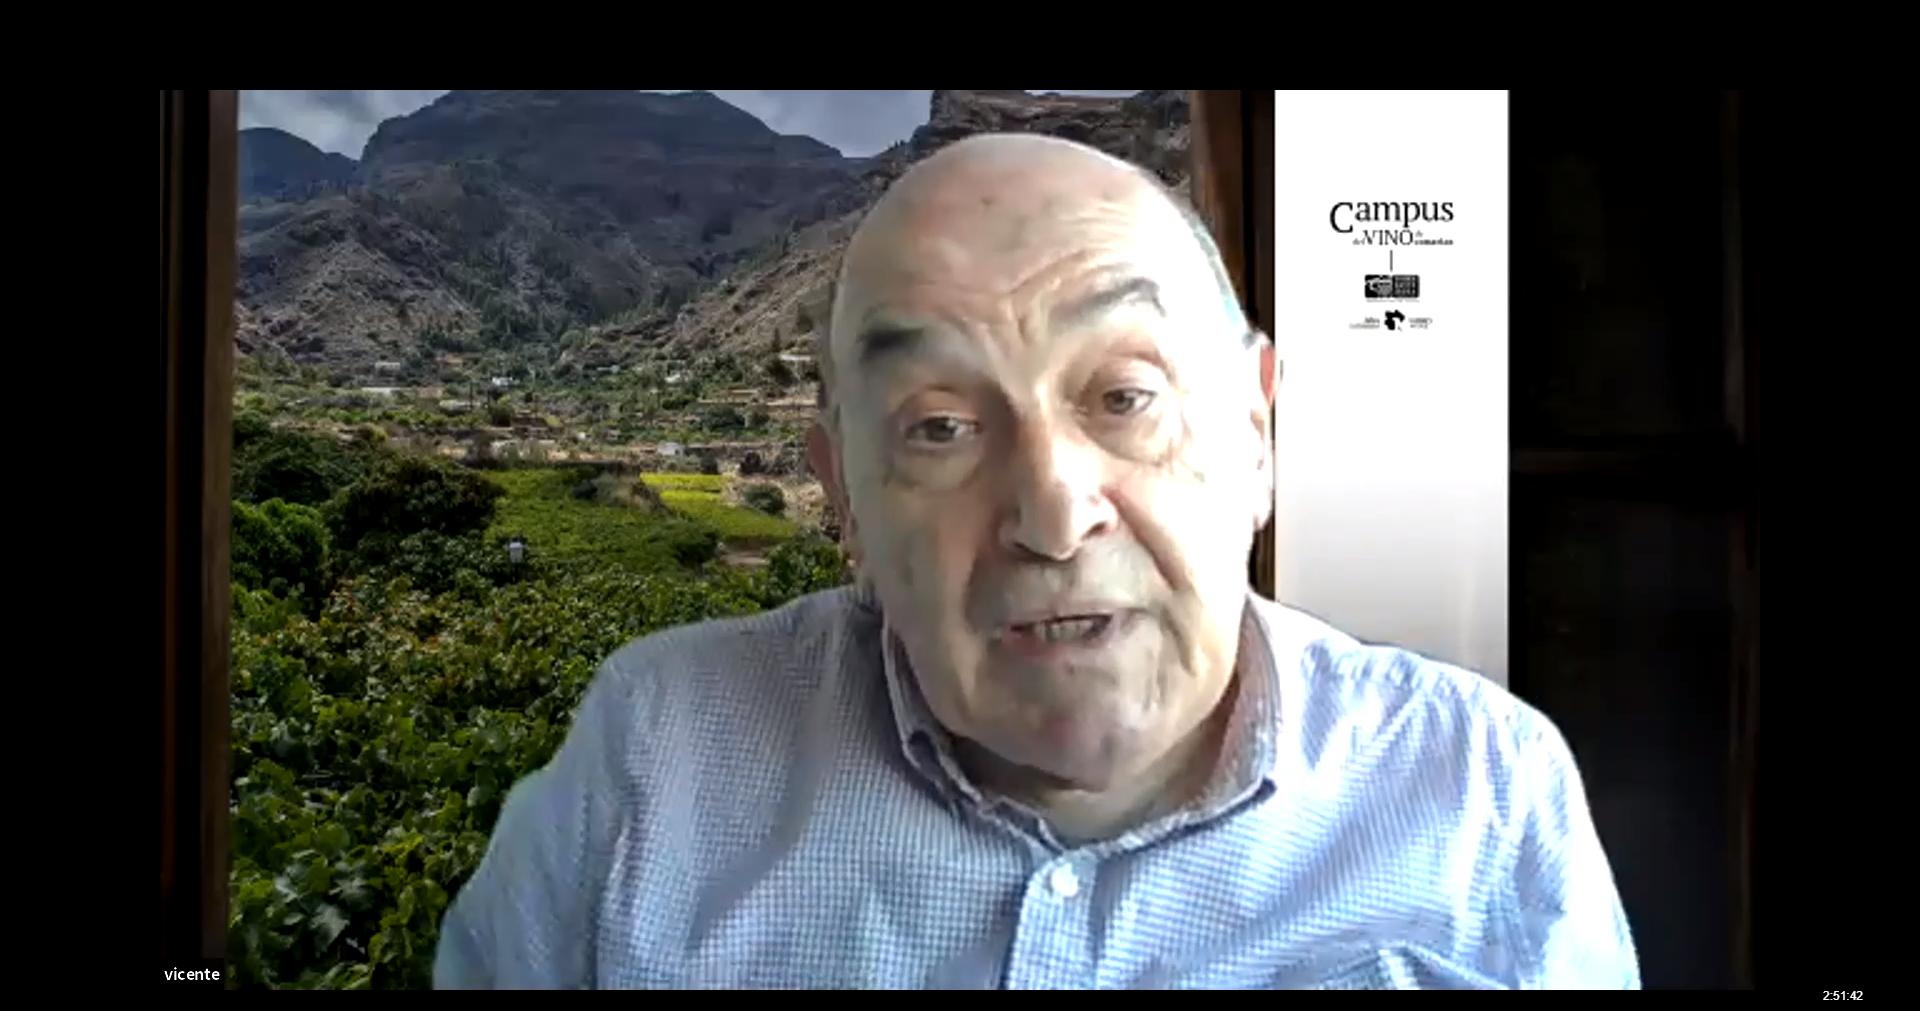 El Campus del Vino de Canarias traspasa fronteras